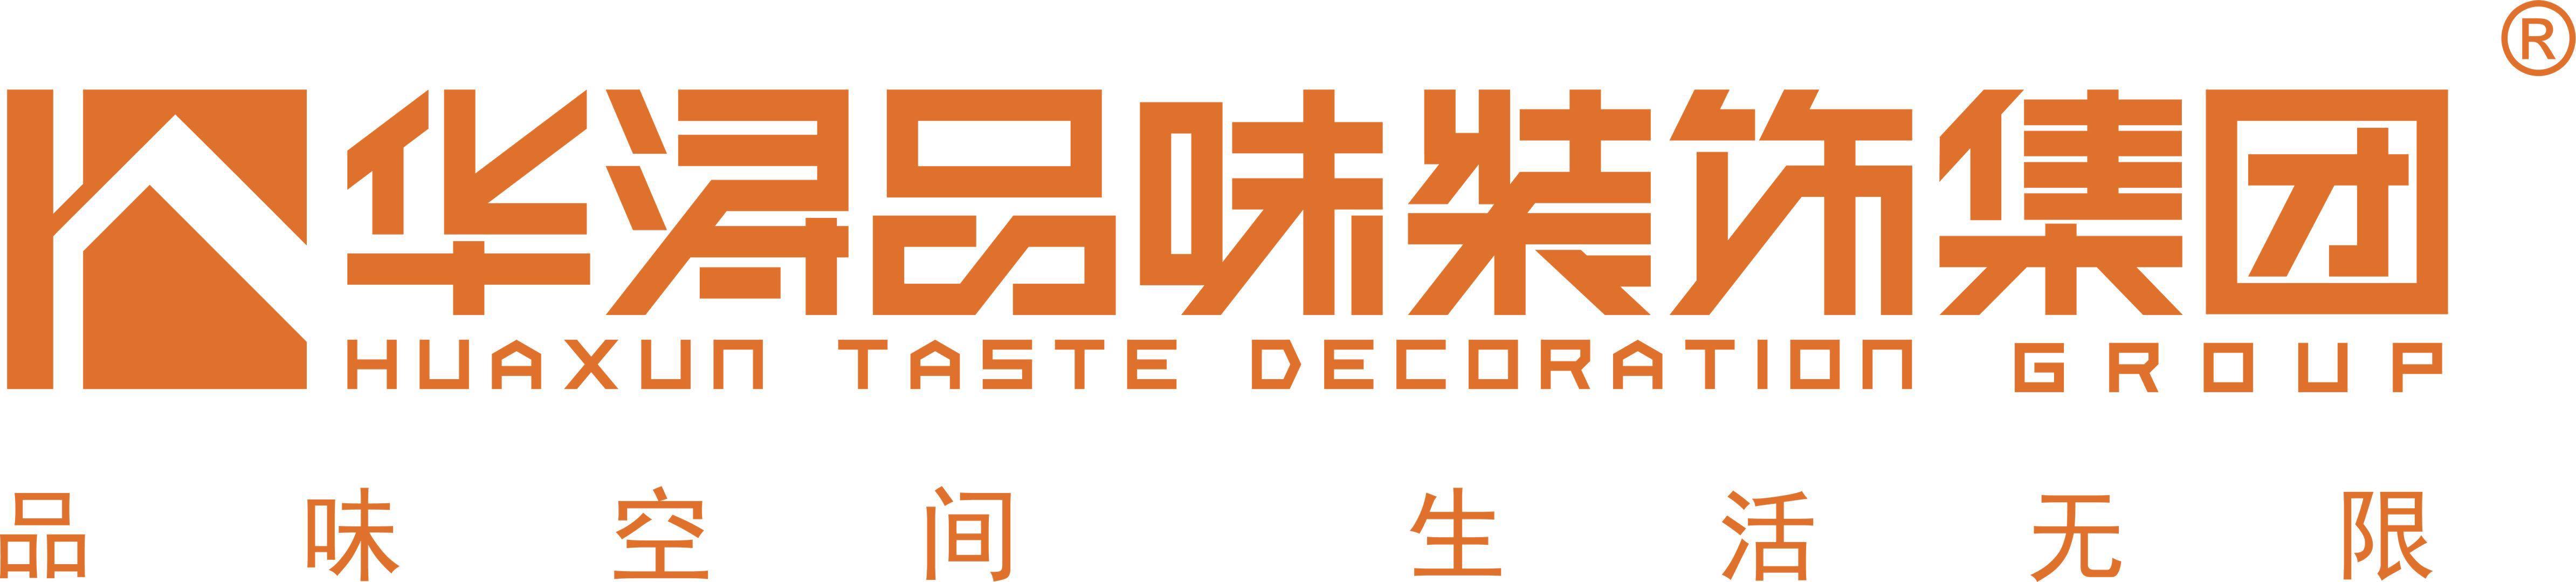 南京华浔品味装饰公司